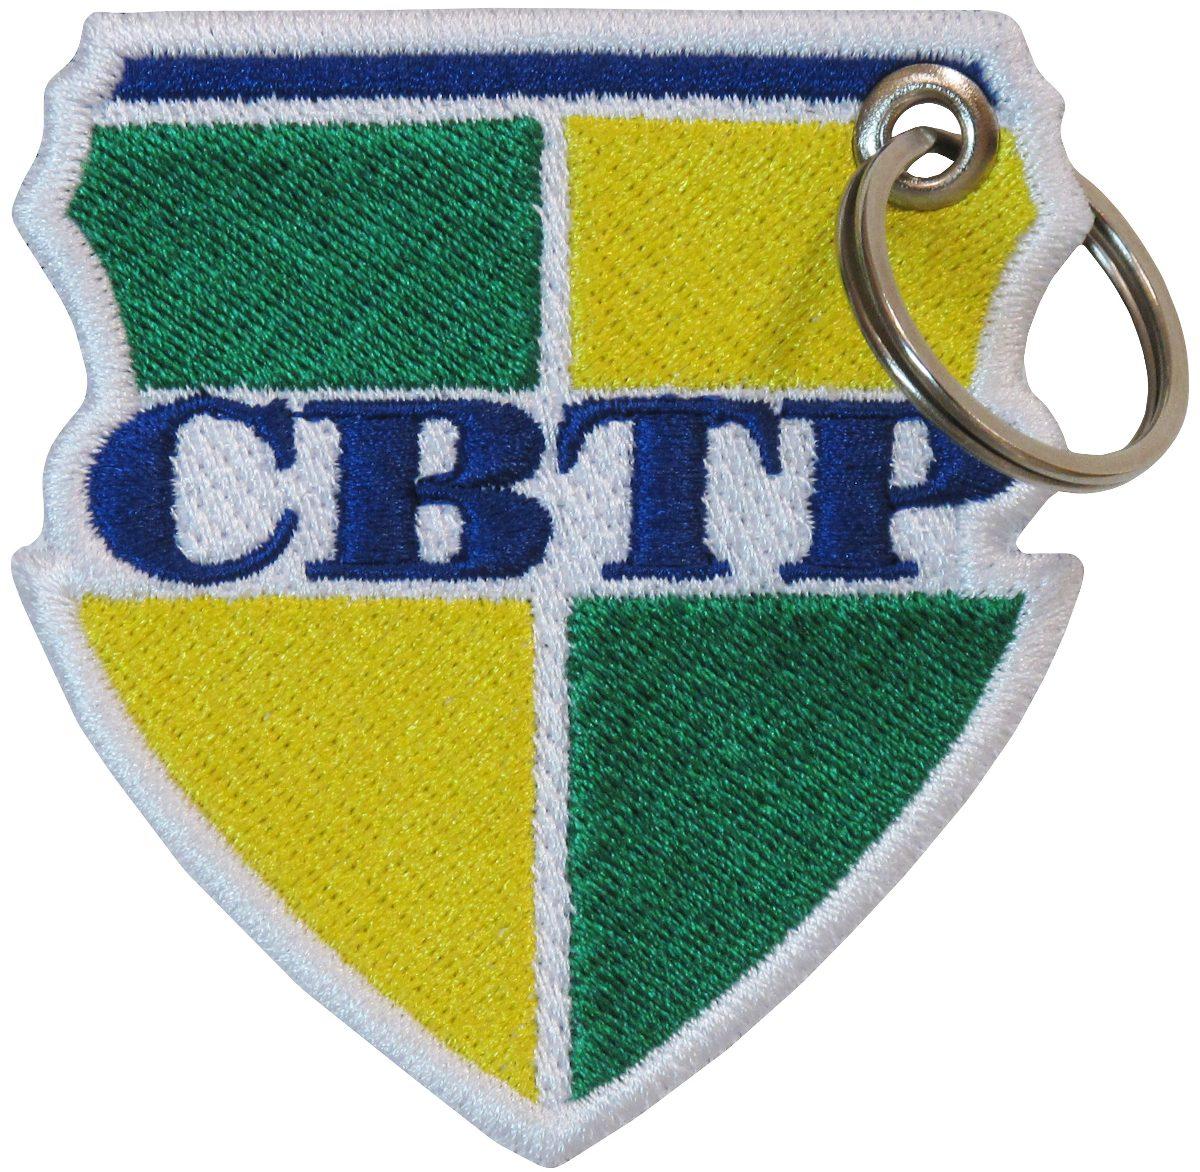 chaveiro confederação brasileira tiro pratico dv80554c. Carregando zoom. 3115bc8c79444